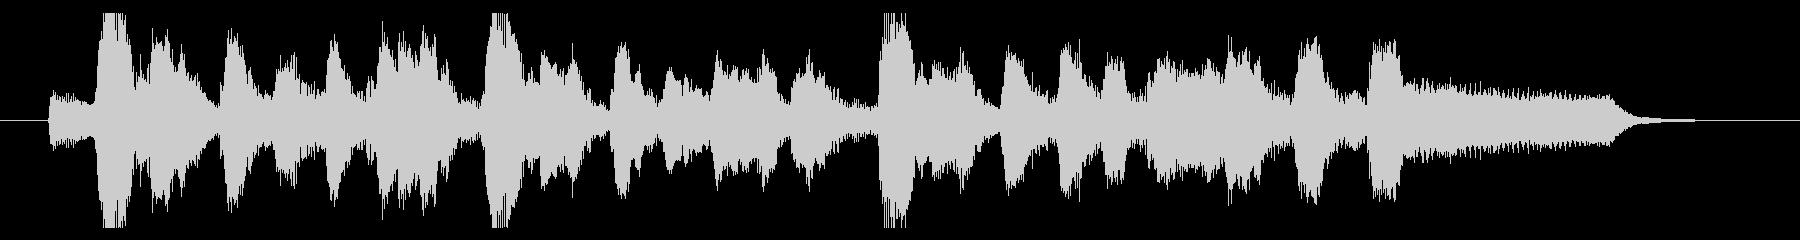 フルートとピアノによるオシャレなジングルの未再生の波形